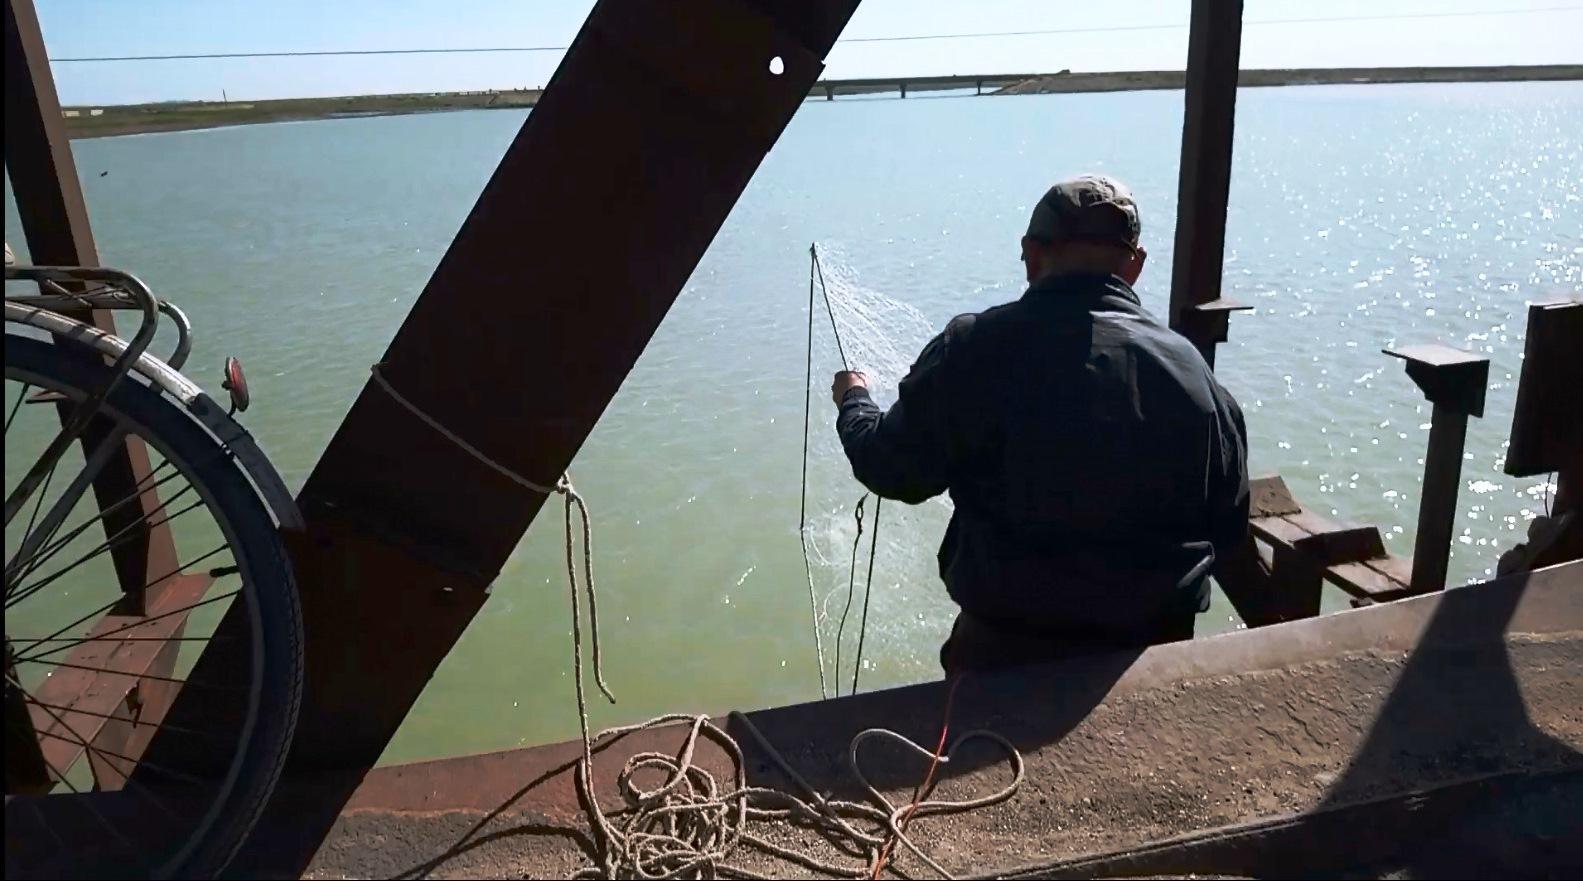 В 100 м от Генической рыбоохраны 20 рыбаков ловят рыбу сетками-пауками: большое расследование, куда девается браконьерская рыба